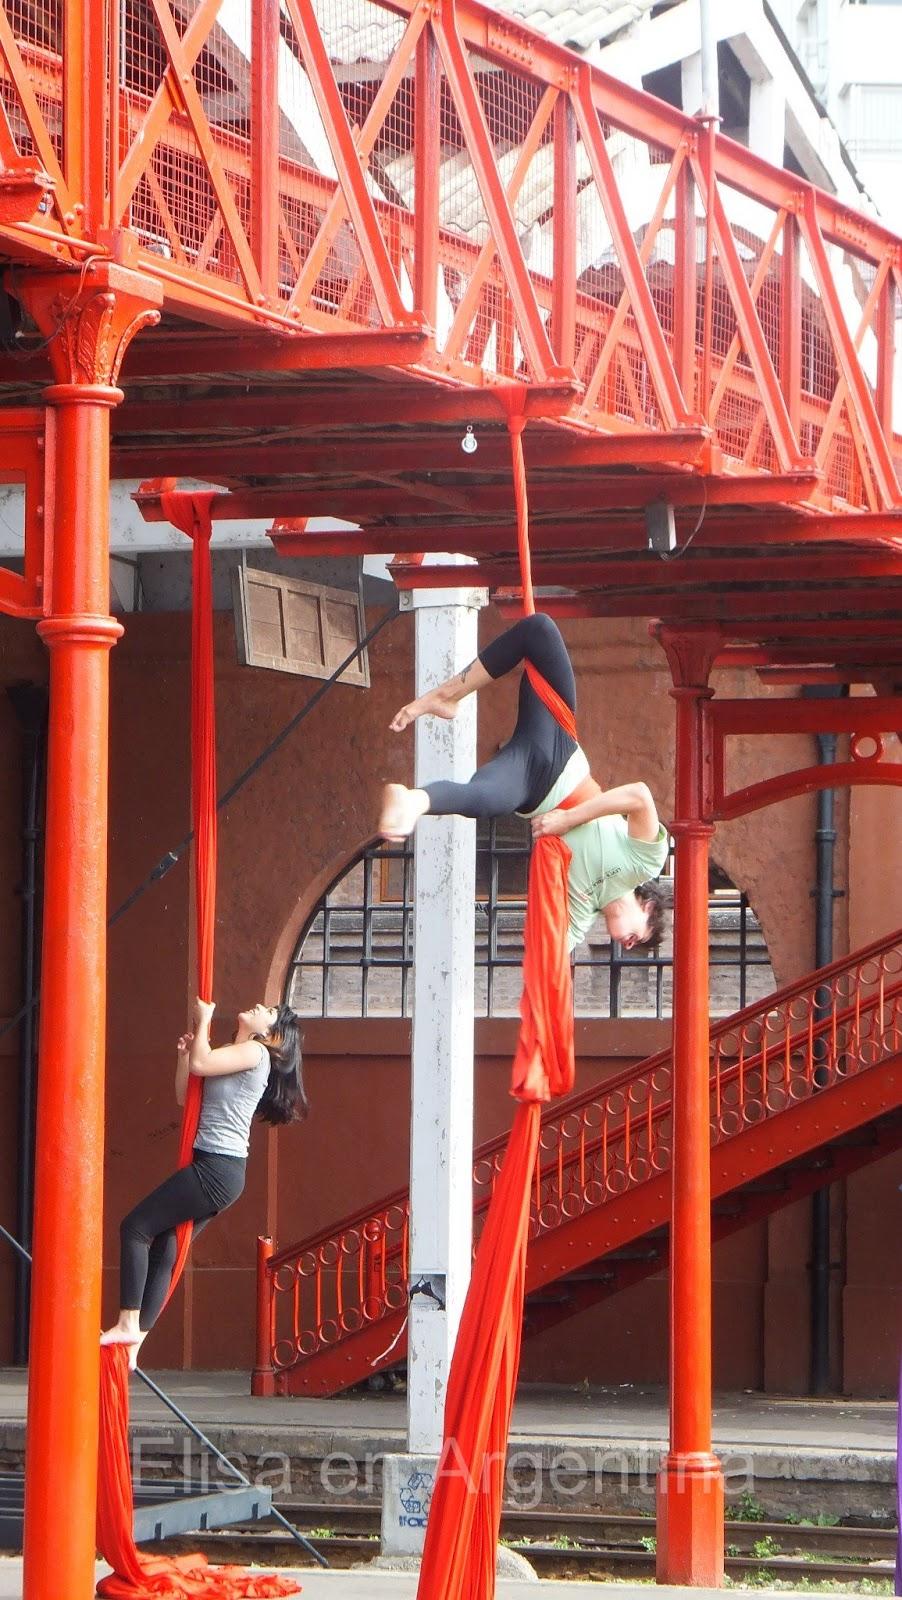 Puente de las Telas, Paseo de la Diversidad, Rosario, Argentina, Elisa N, Blog de Viajes, Lifestyle, Travel